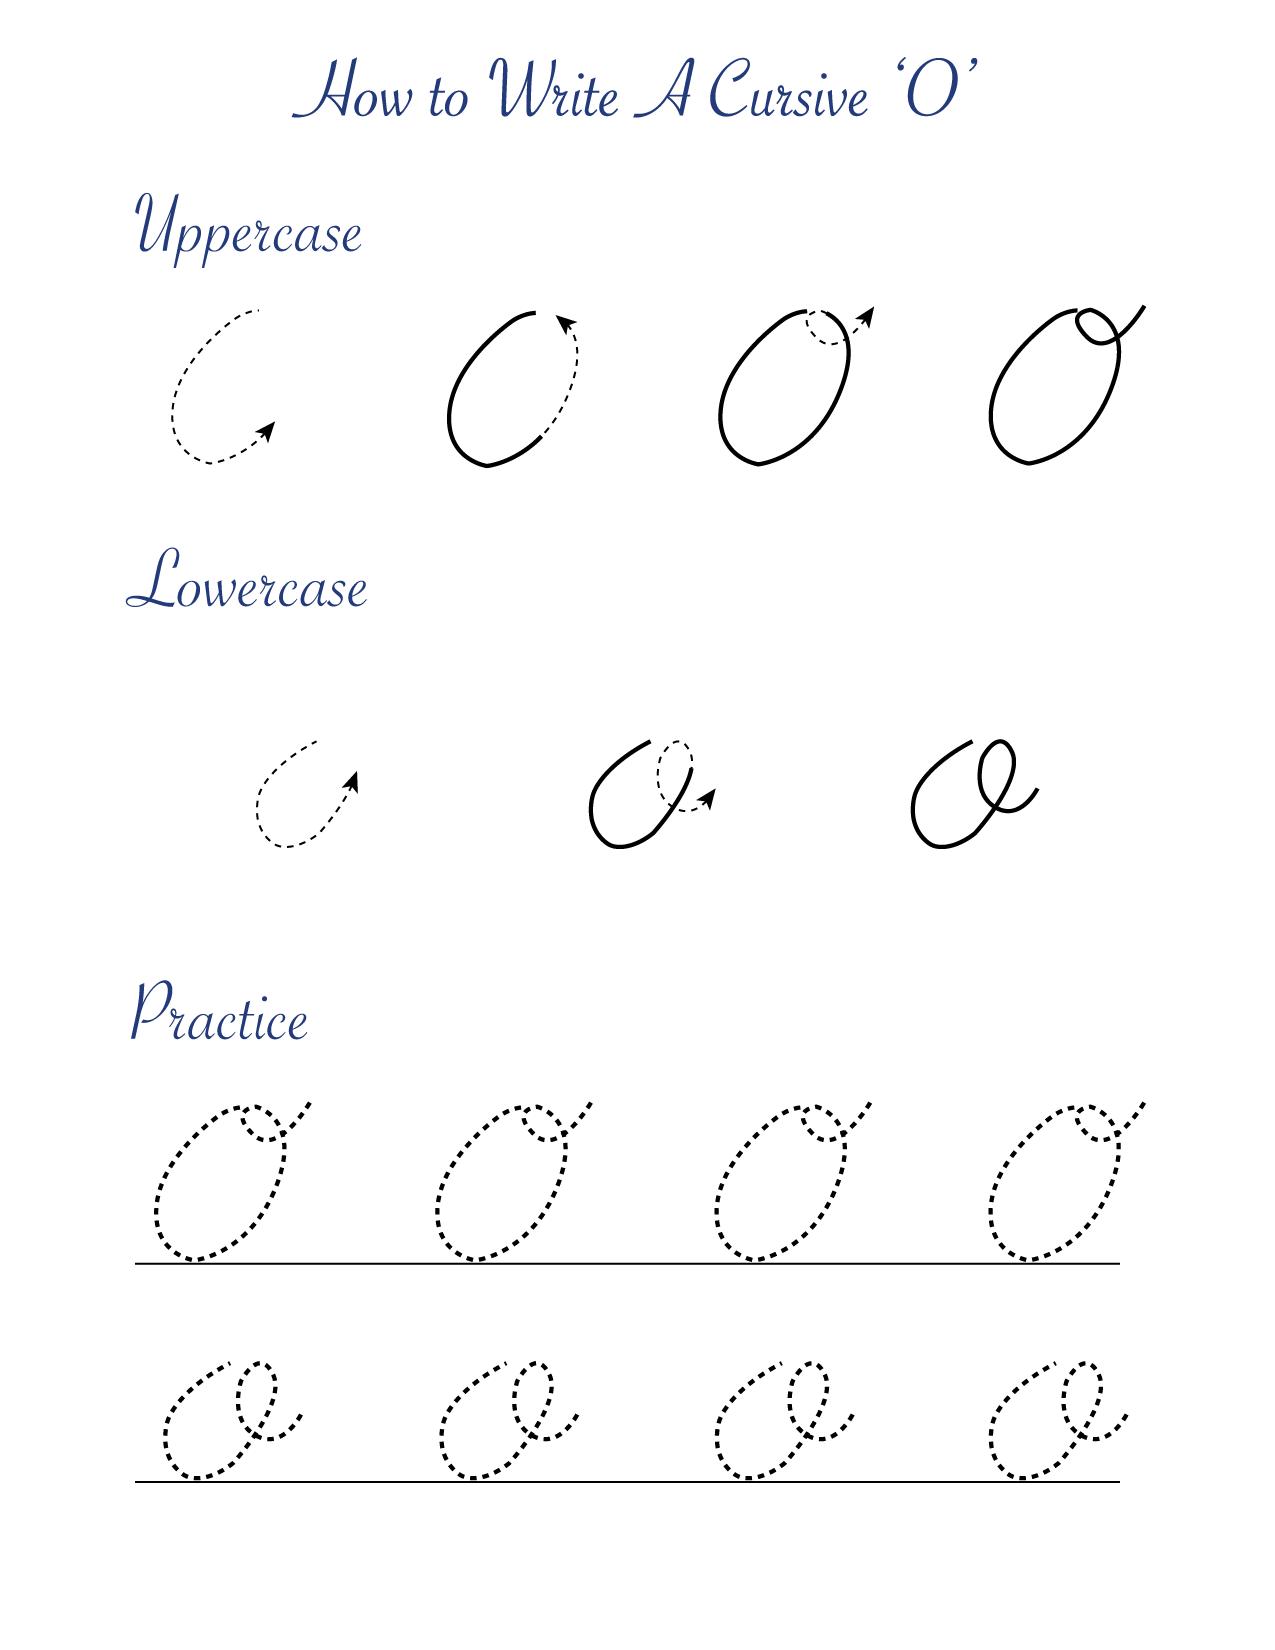 How to write a cursive O